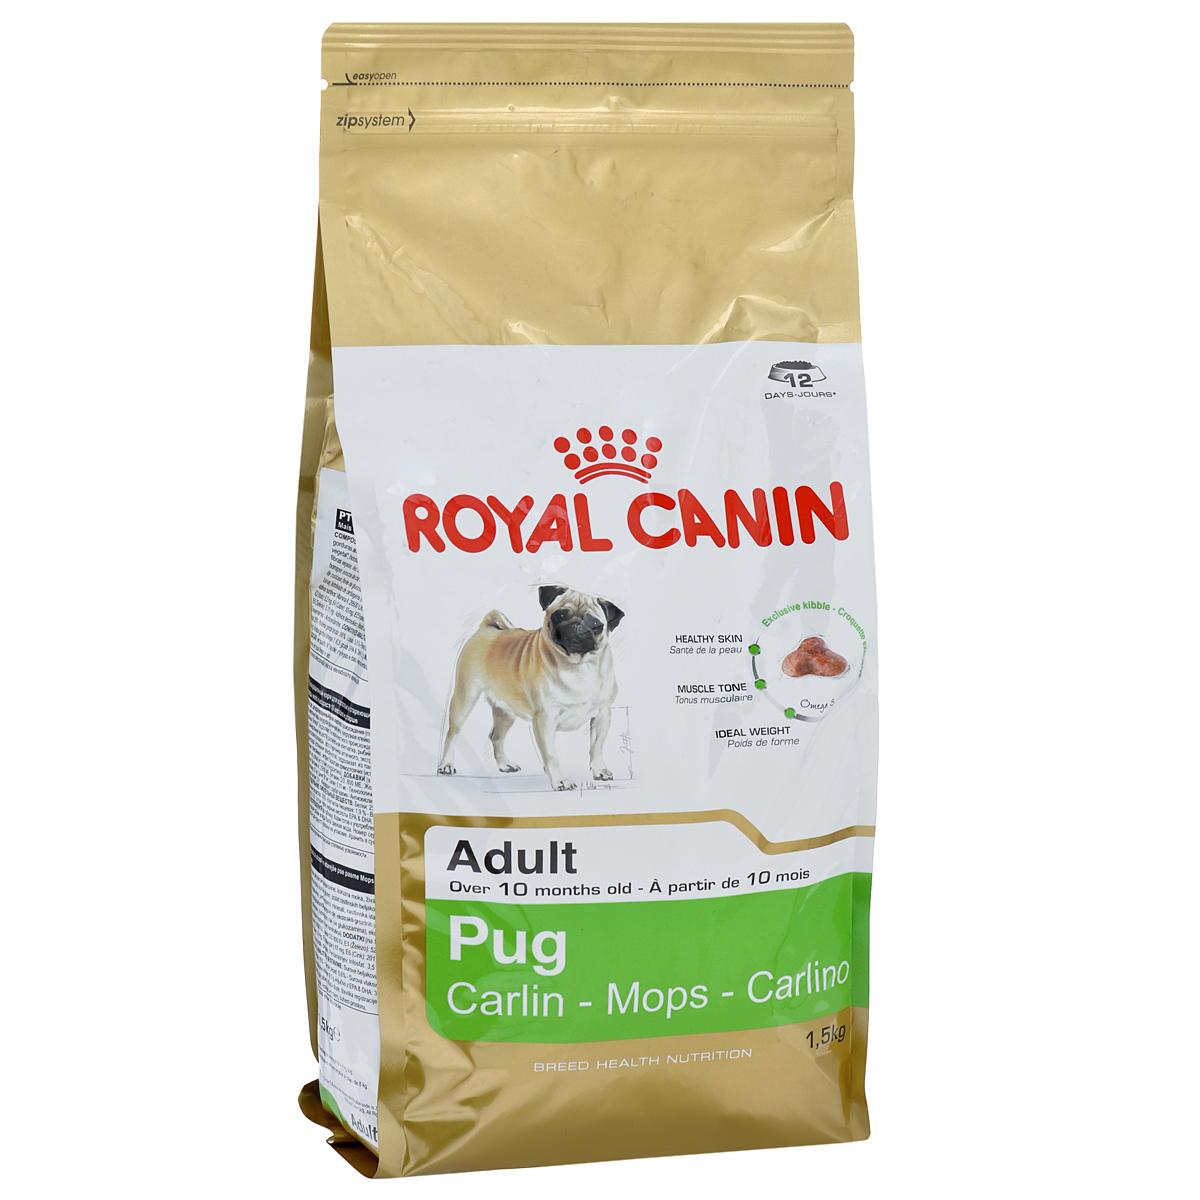 Корм сухой Royal Canin Pug Adult , для собак породы мопс от 10 месяцев, 1,5 кг0120710Корм сухой Royal Canin Pug Adult  - полнорационное питание для собак породы мопс от 10 месяцев.Мопс — это истинно аристократическая порода. Очаровательные небольшие собаки издавна были любимцами знати благодаря своему спокойному нраву и сильной привязанности к хозяину. При подборе корма для мопсов важно учесть специфическое строение их челюсти: чаще всего обычные крокеты им очень неудобно захватывать и разгрызать, что приводит к нарушениям пищеварительной системы и мочеиспускательного канала.Здоровая кожа.Новая формула поддерживает кожу собаки в идеальном состоянии.Мышечный тонус.Специализированный корм для мопсов способствует поддержанию мышечного тонуса. Идеальный вес.Продукт способствует гармоничному росту при сохранении идеального веса собаки благодаря снижению уровня жиров. Особая форма крокетов.Крокеты имеют форму трилистника, вследствие чего собаке становится гораздо удобнее их захватывать. Состав: рис, дегидратированное мясо птицы, кукурузная мука, кукуруза, животные жиры, пшеничная мука, изолят растительного белка, кукурузный глютен, гидролизованные животные белки, свекольный жом, растительная клетчатка, микроэлементы, растительные масла (сои и бурачника лекарственного), рыбий жир, фруктоолигосахариды, L-лизин, DL-метионин, натрия полифосфат, таурин, гидролизованные ракообразные (источник глюкозамина), L-карнитин, гидролизованные хрящи (источник хондроитина). Добавки (в 1 кг): йод — 5,6 мг,селен — 0,27 мг,медь — 15 мг,железо — 185 мг,марганец — 82 мг,цинк — 235 мг,витамин A — 31000 МЕ,витамин D3 — 800 МЕ,витамин E — 600 мг,витамин C — 300 мг,витамин B1 — 27 мг,витамин B2 — 48,6 мг,витамин B3 — 482,8 мг,витамин B5 — 145,2 мг,витамин B6 — 75,7 мг,витамин B12 — 0,13 мг. Товар сертифицирован.